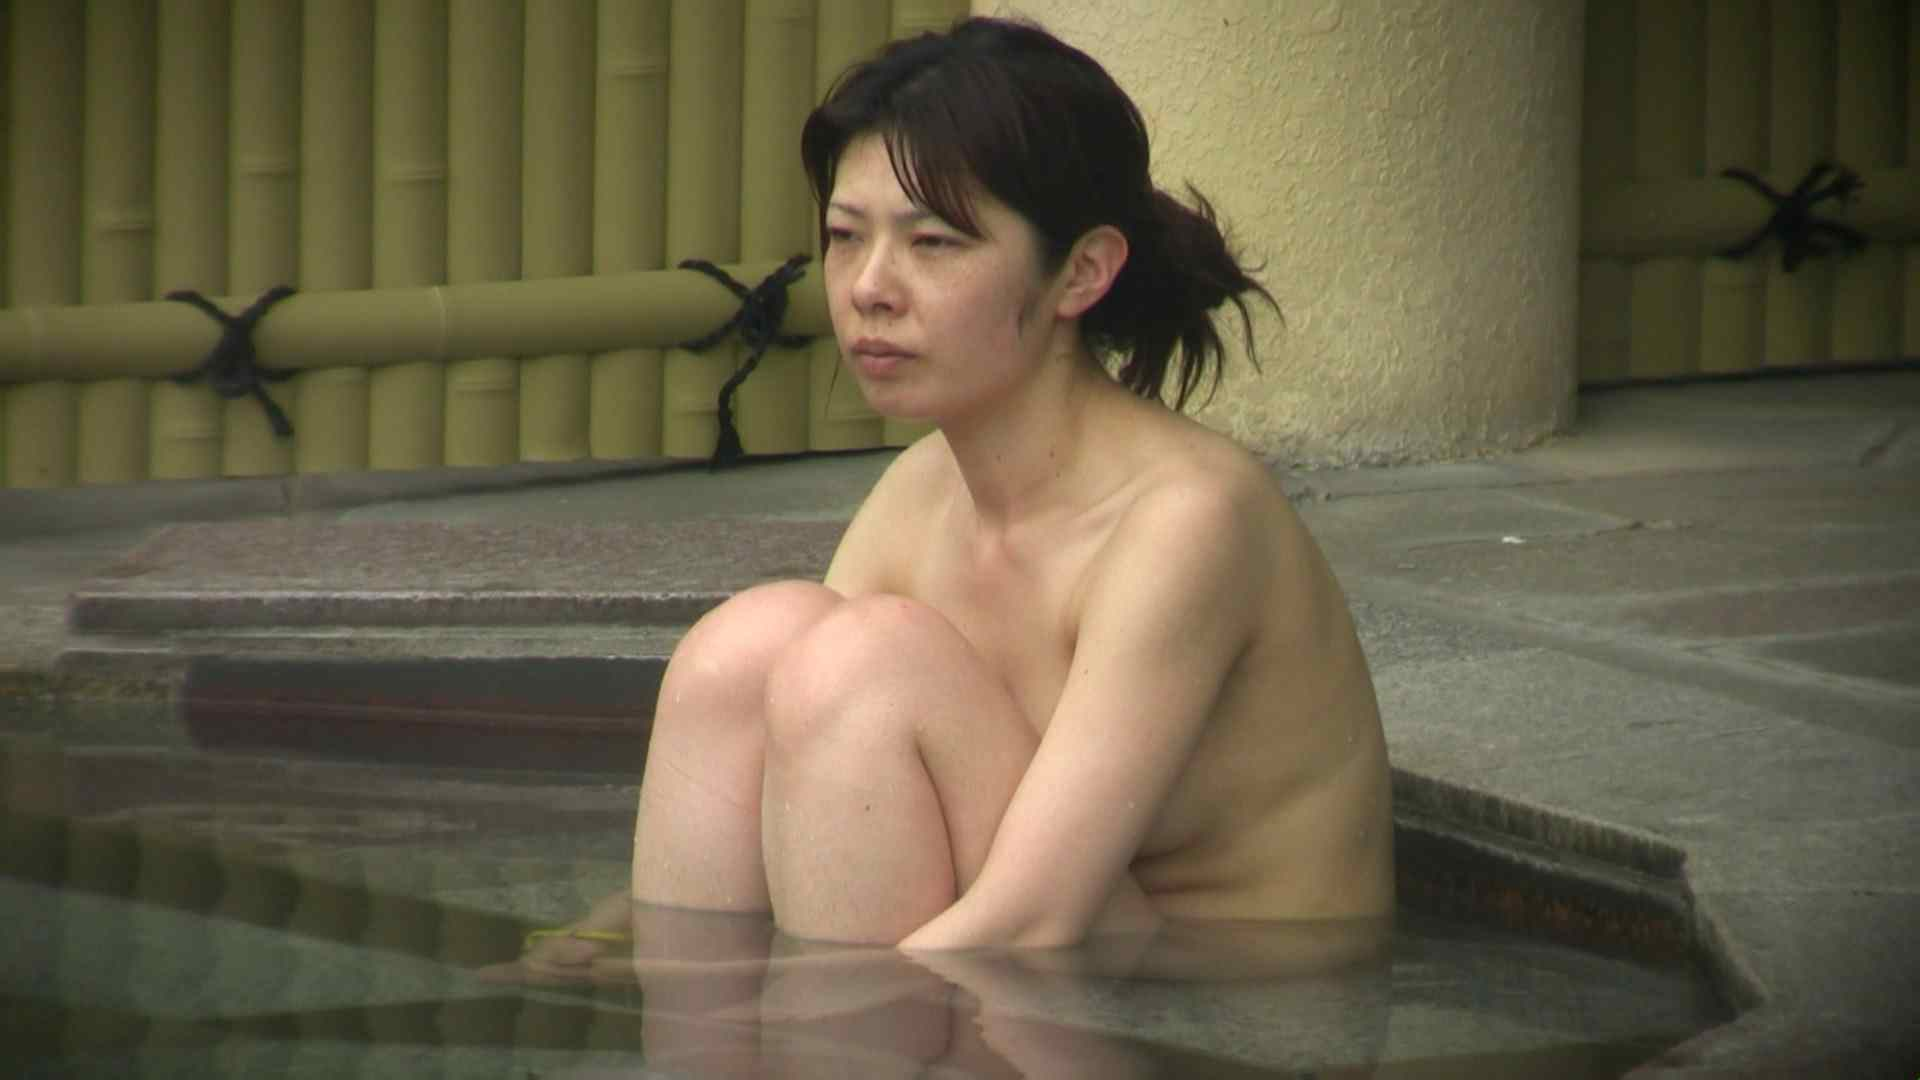 Aquaな露天風呂Vol.676 盗撮シリーズ  83PIX 32